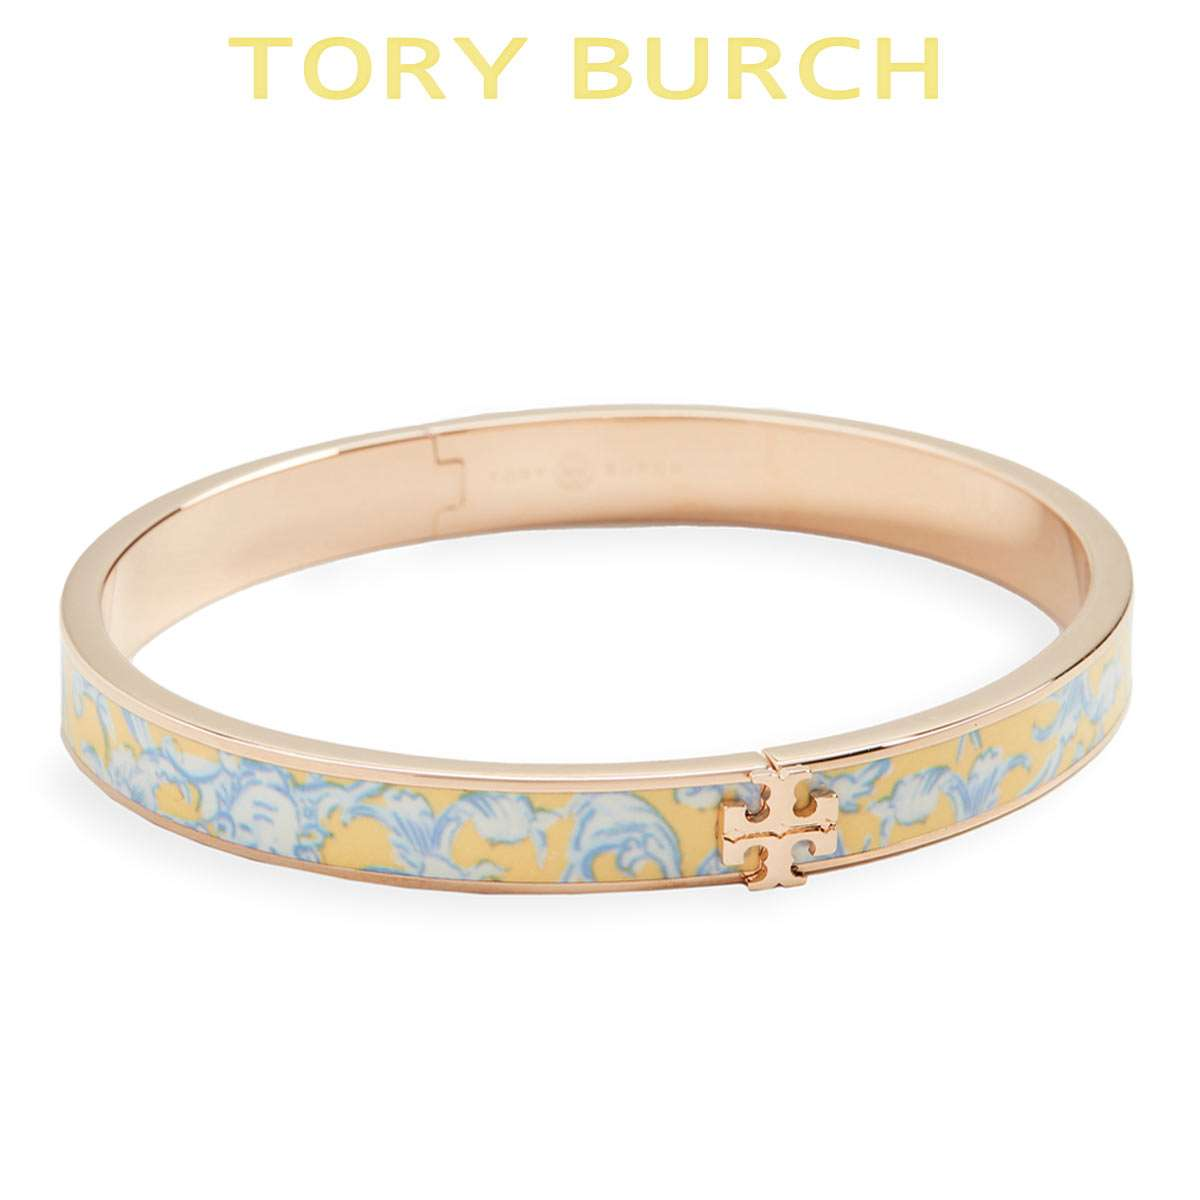 全品最安値に挑戦 トリーバーチ バングル レディース カフ かわいい 人気 プレゼント ブランド 新商品 Tory Burch